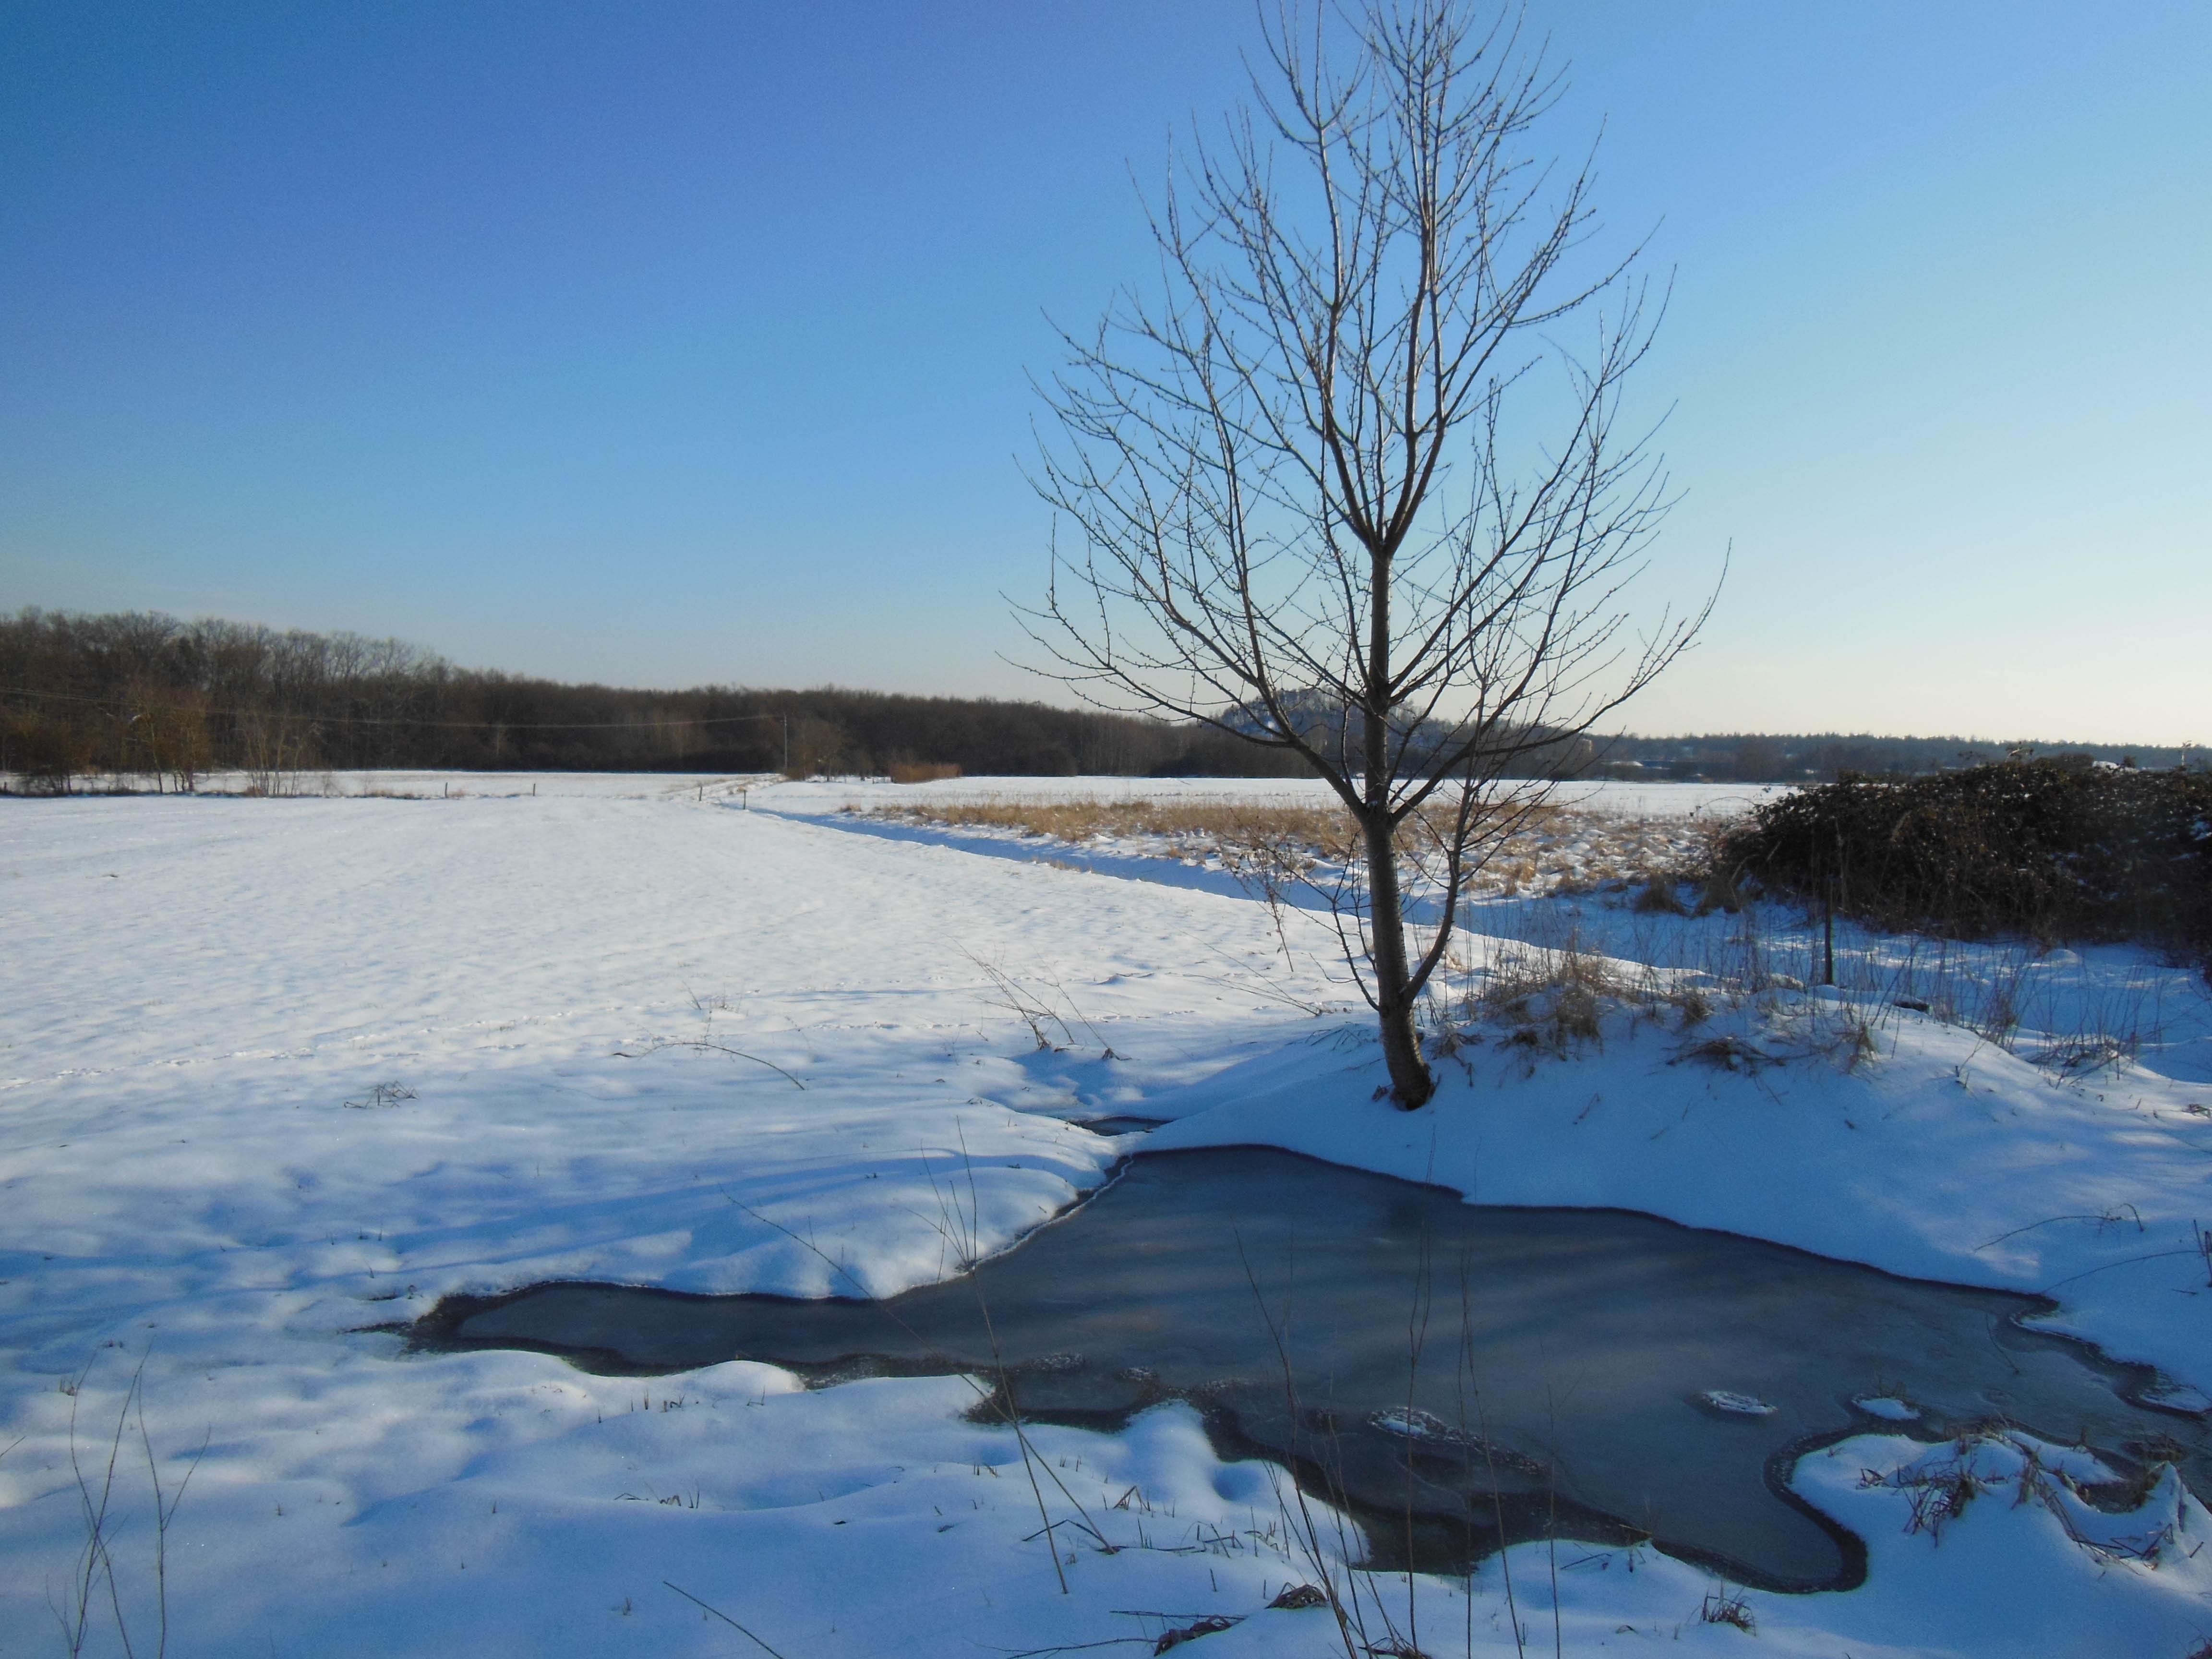 Einsamkeit in weiter Winteridylle